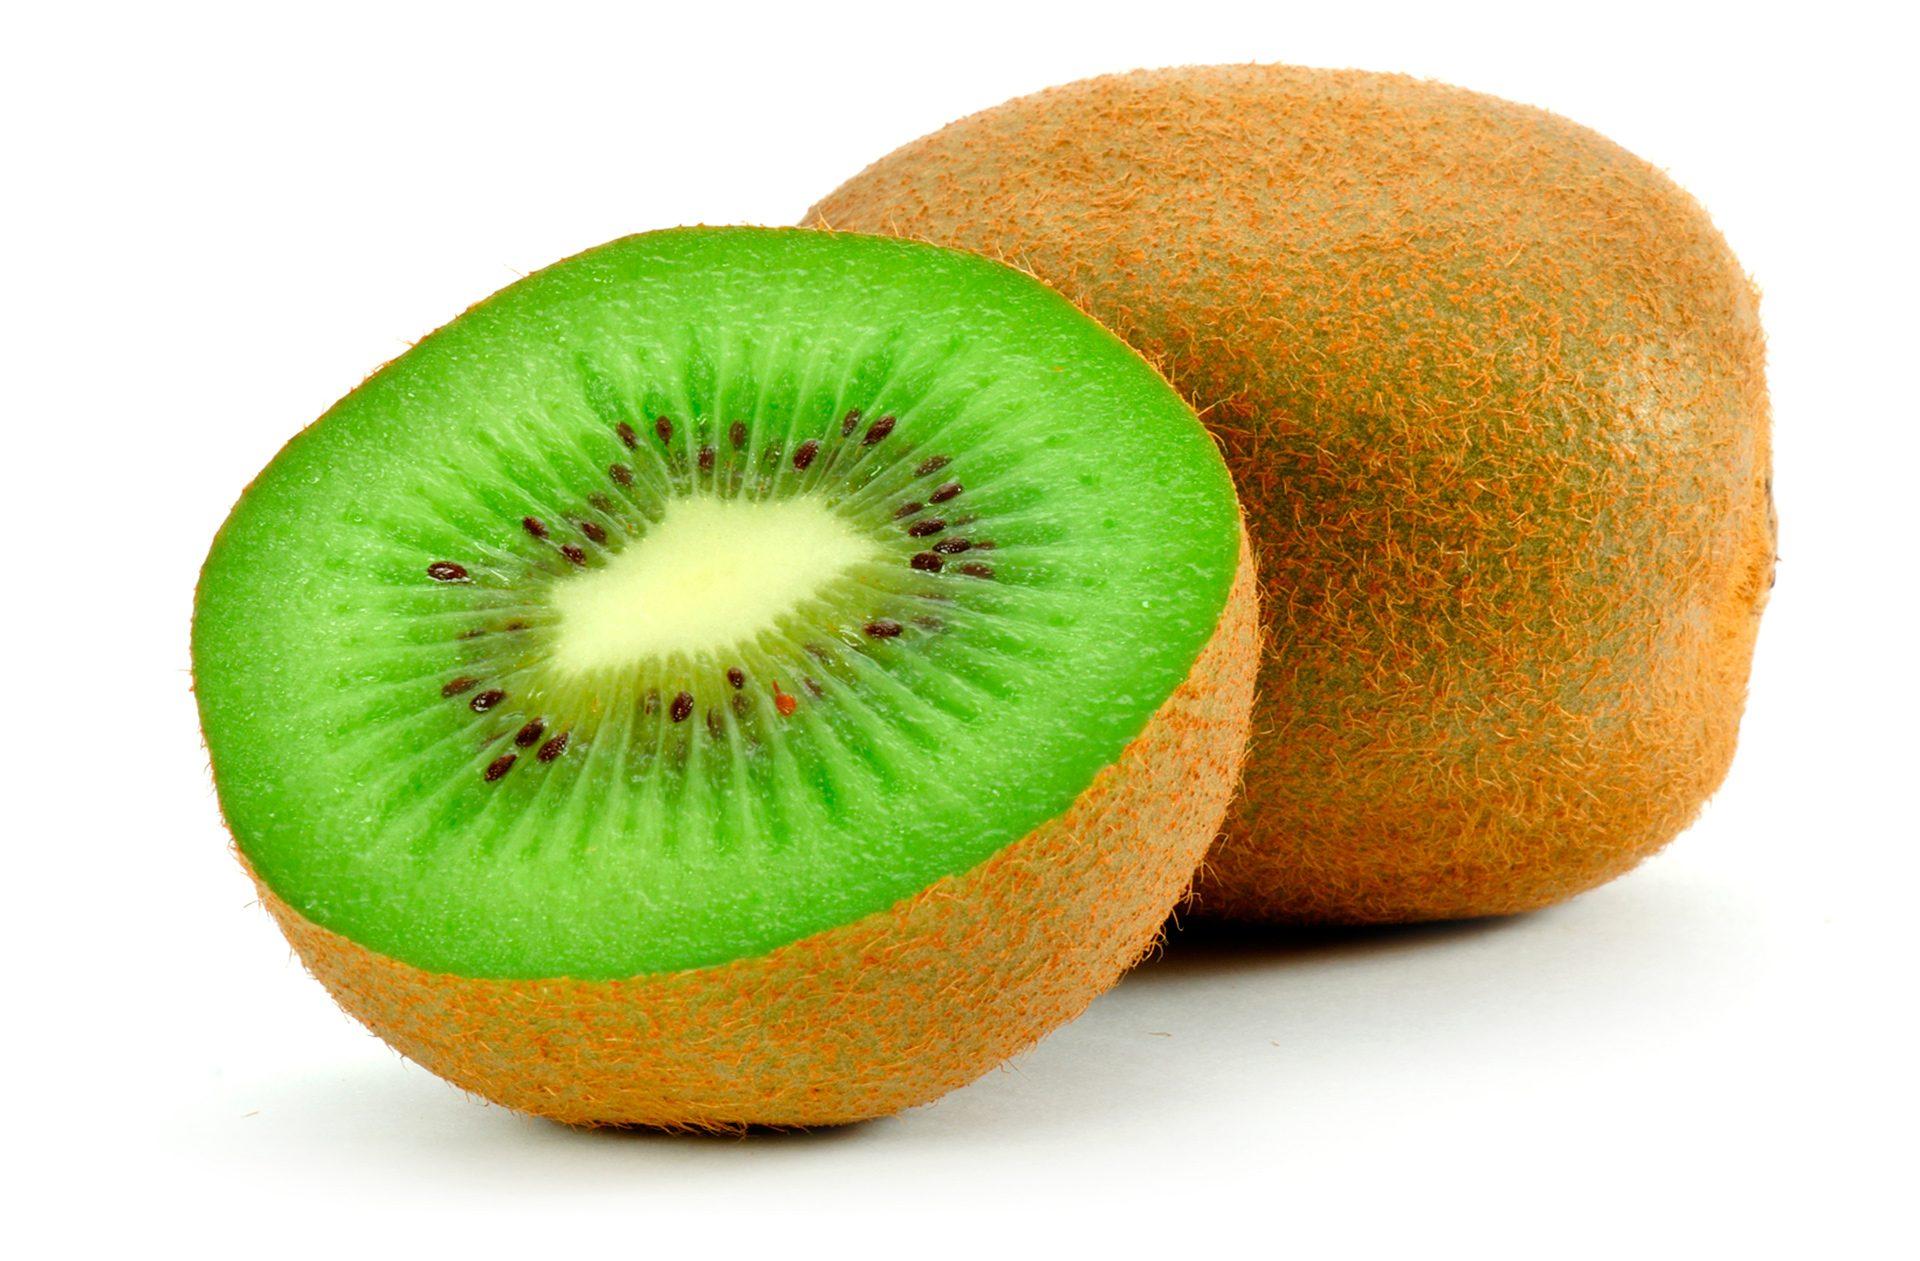 El kiwi: Una de las frutas más completas